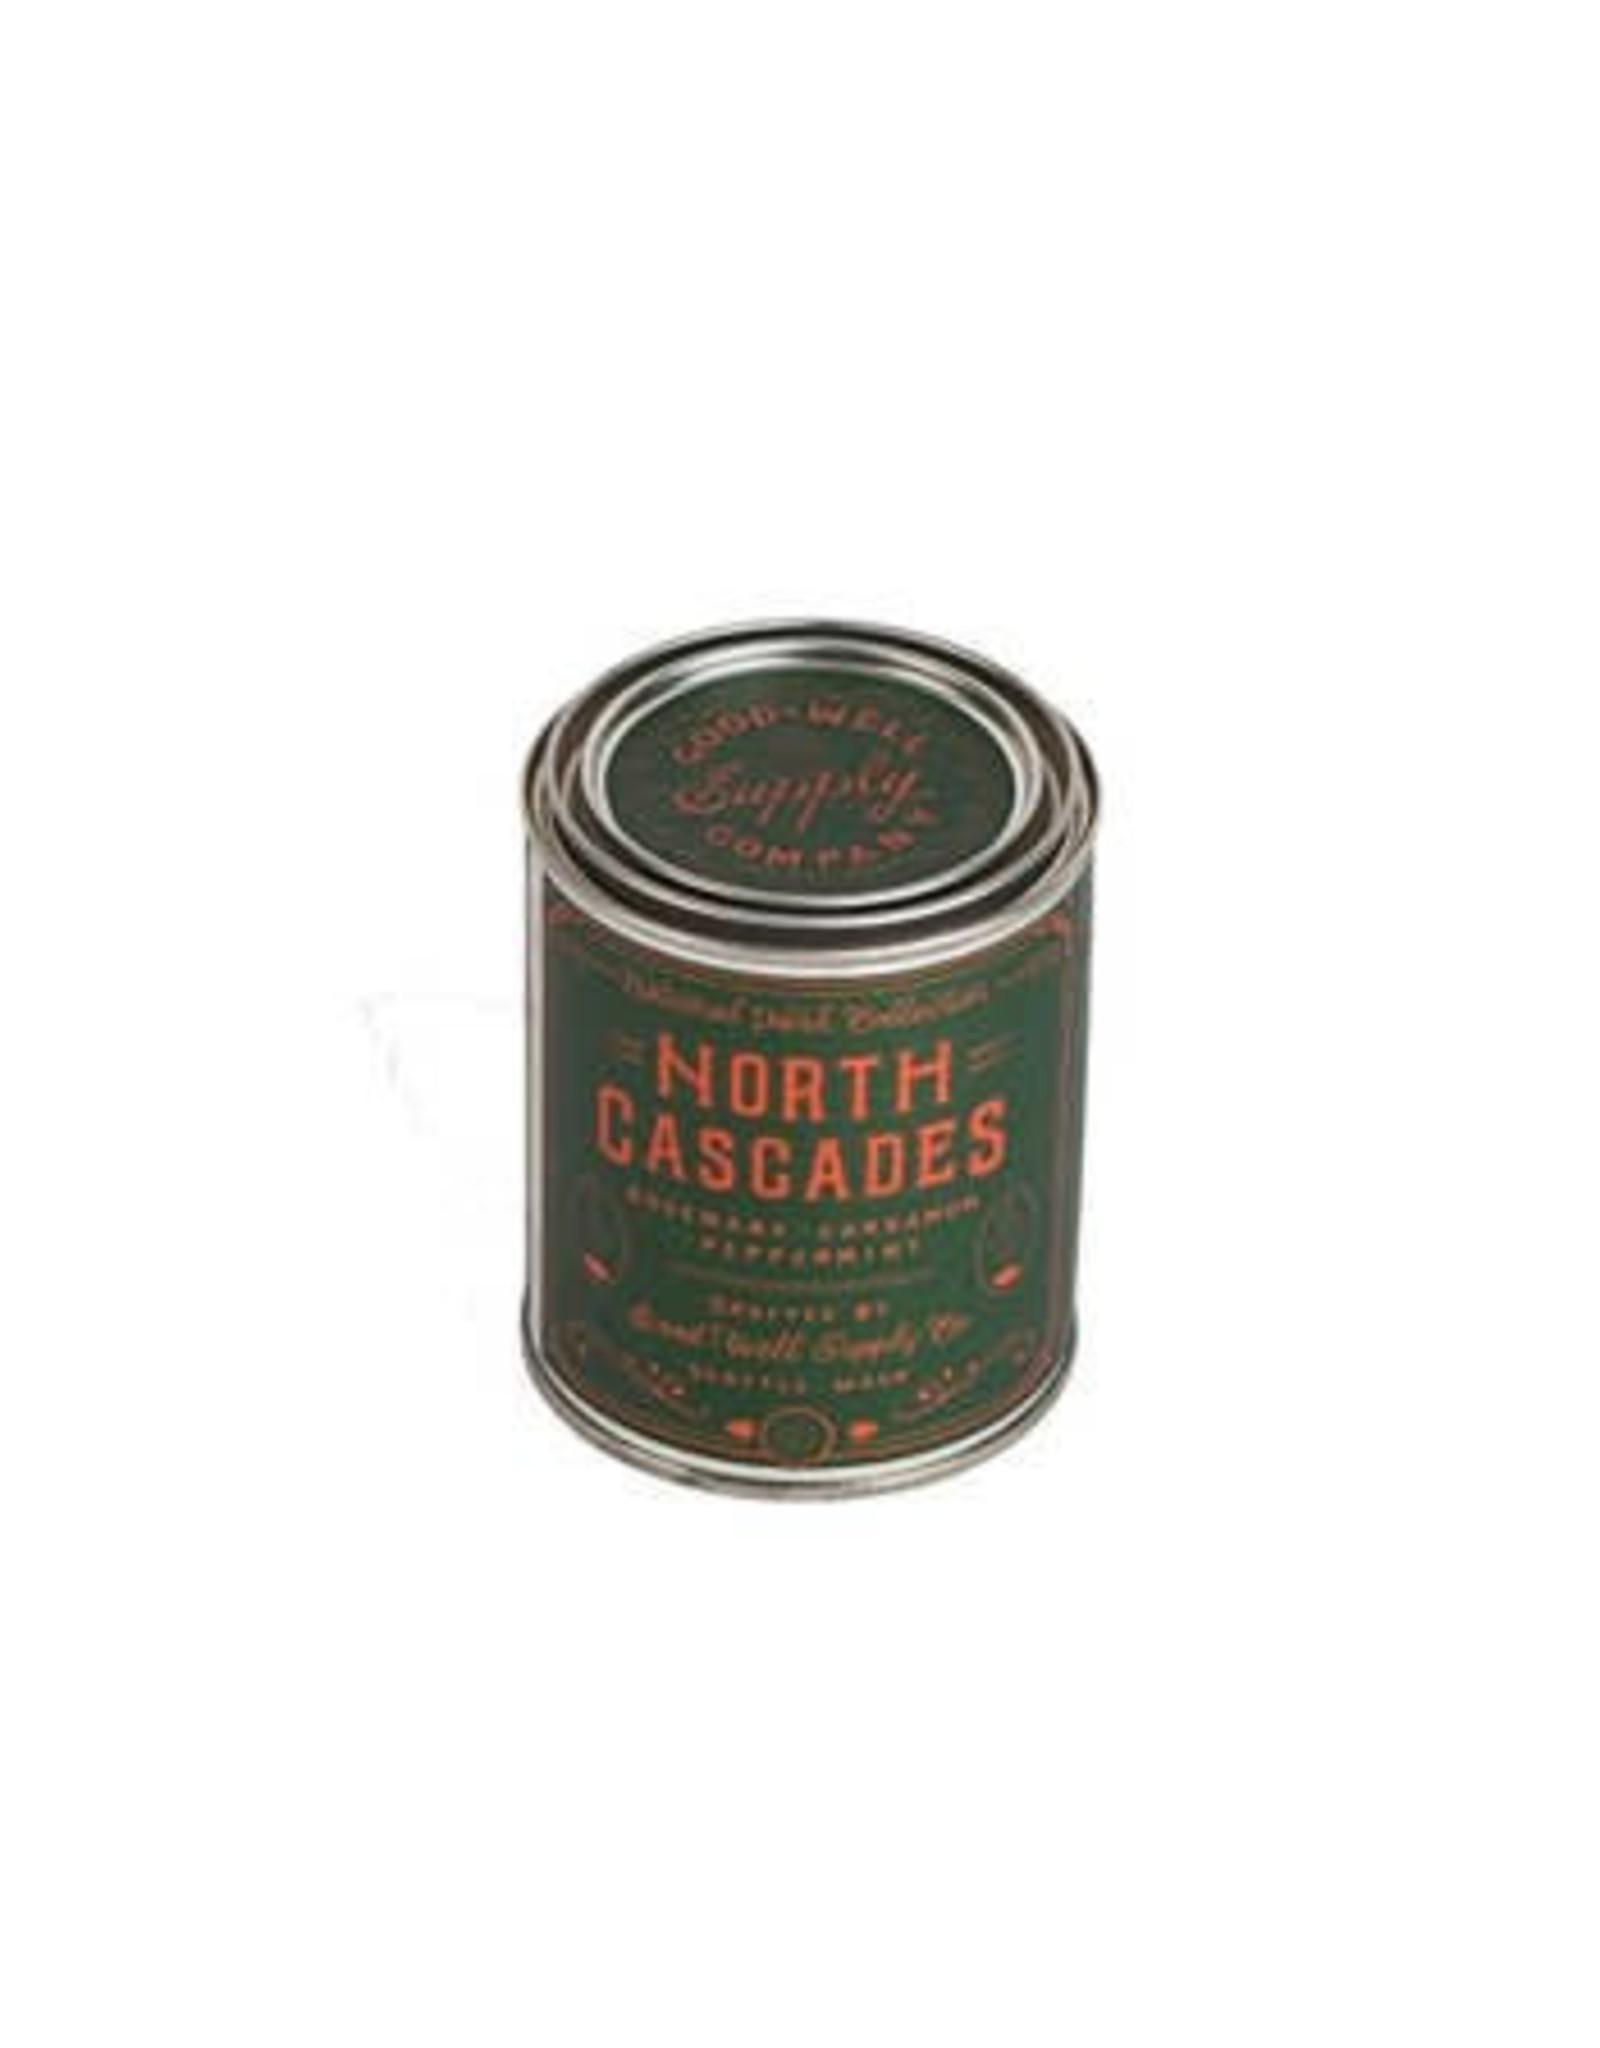 GWS Candle: North Cascades- 1/2 Pint